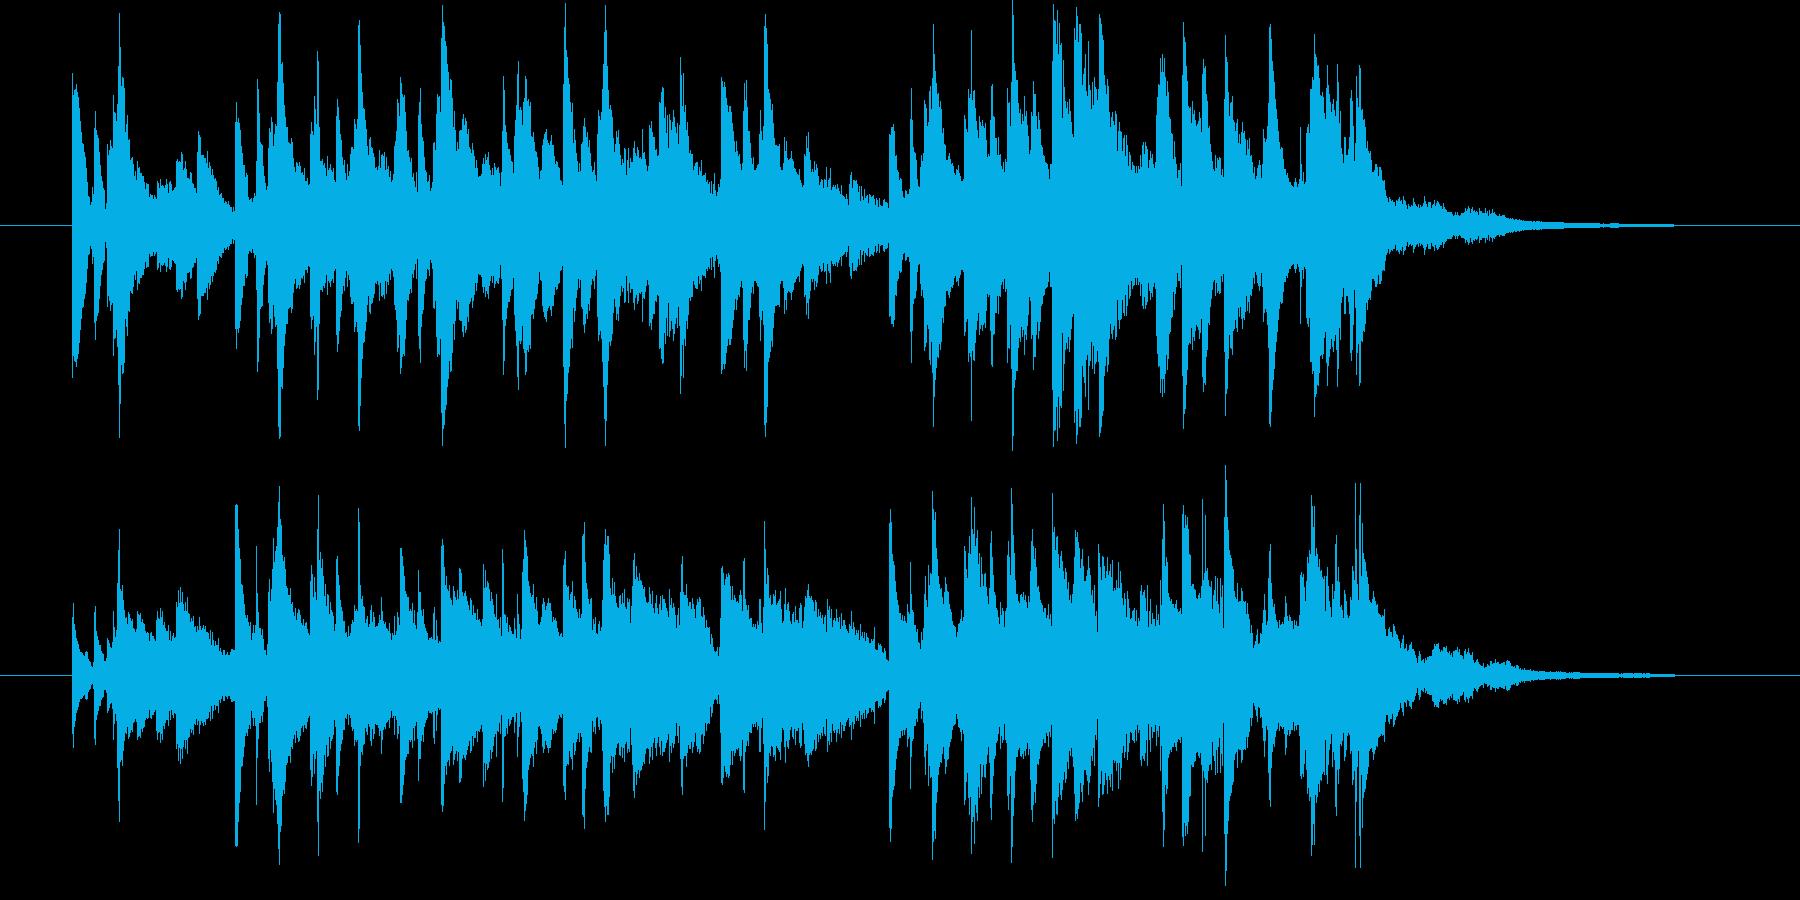 秋の気配を感じる和風ピアノ30秒CM等にの再生済みの波形